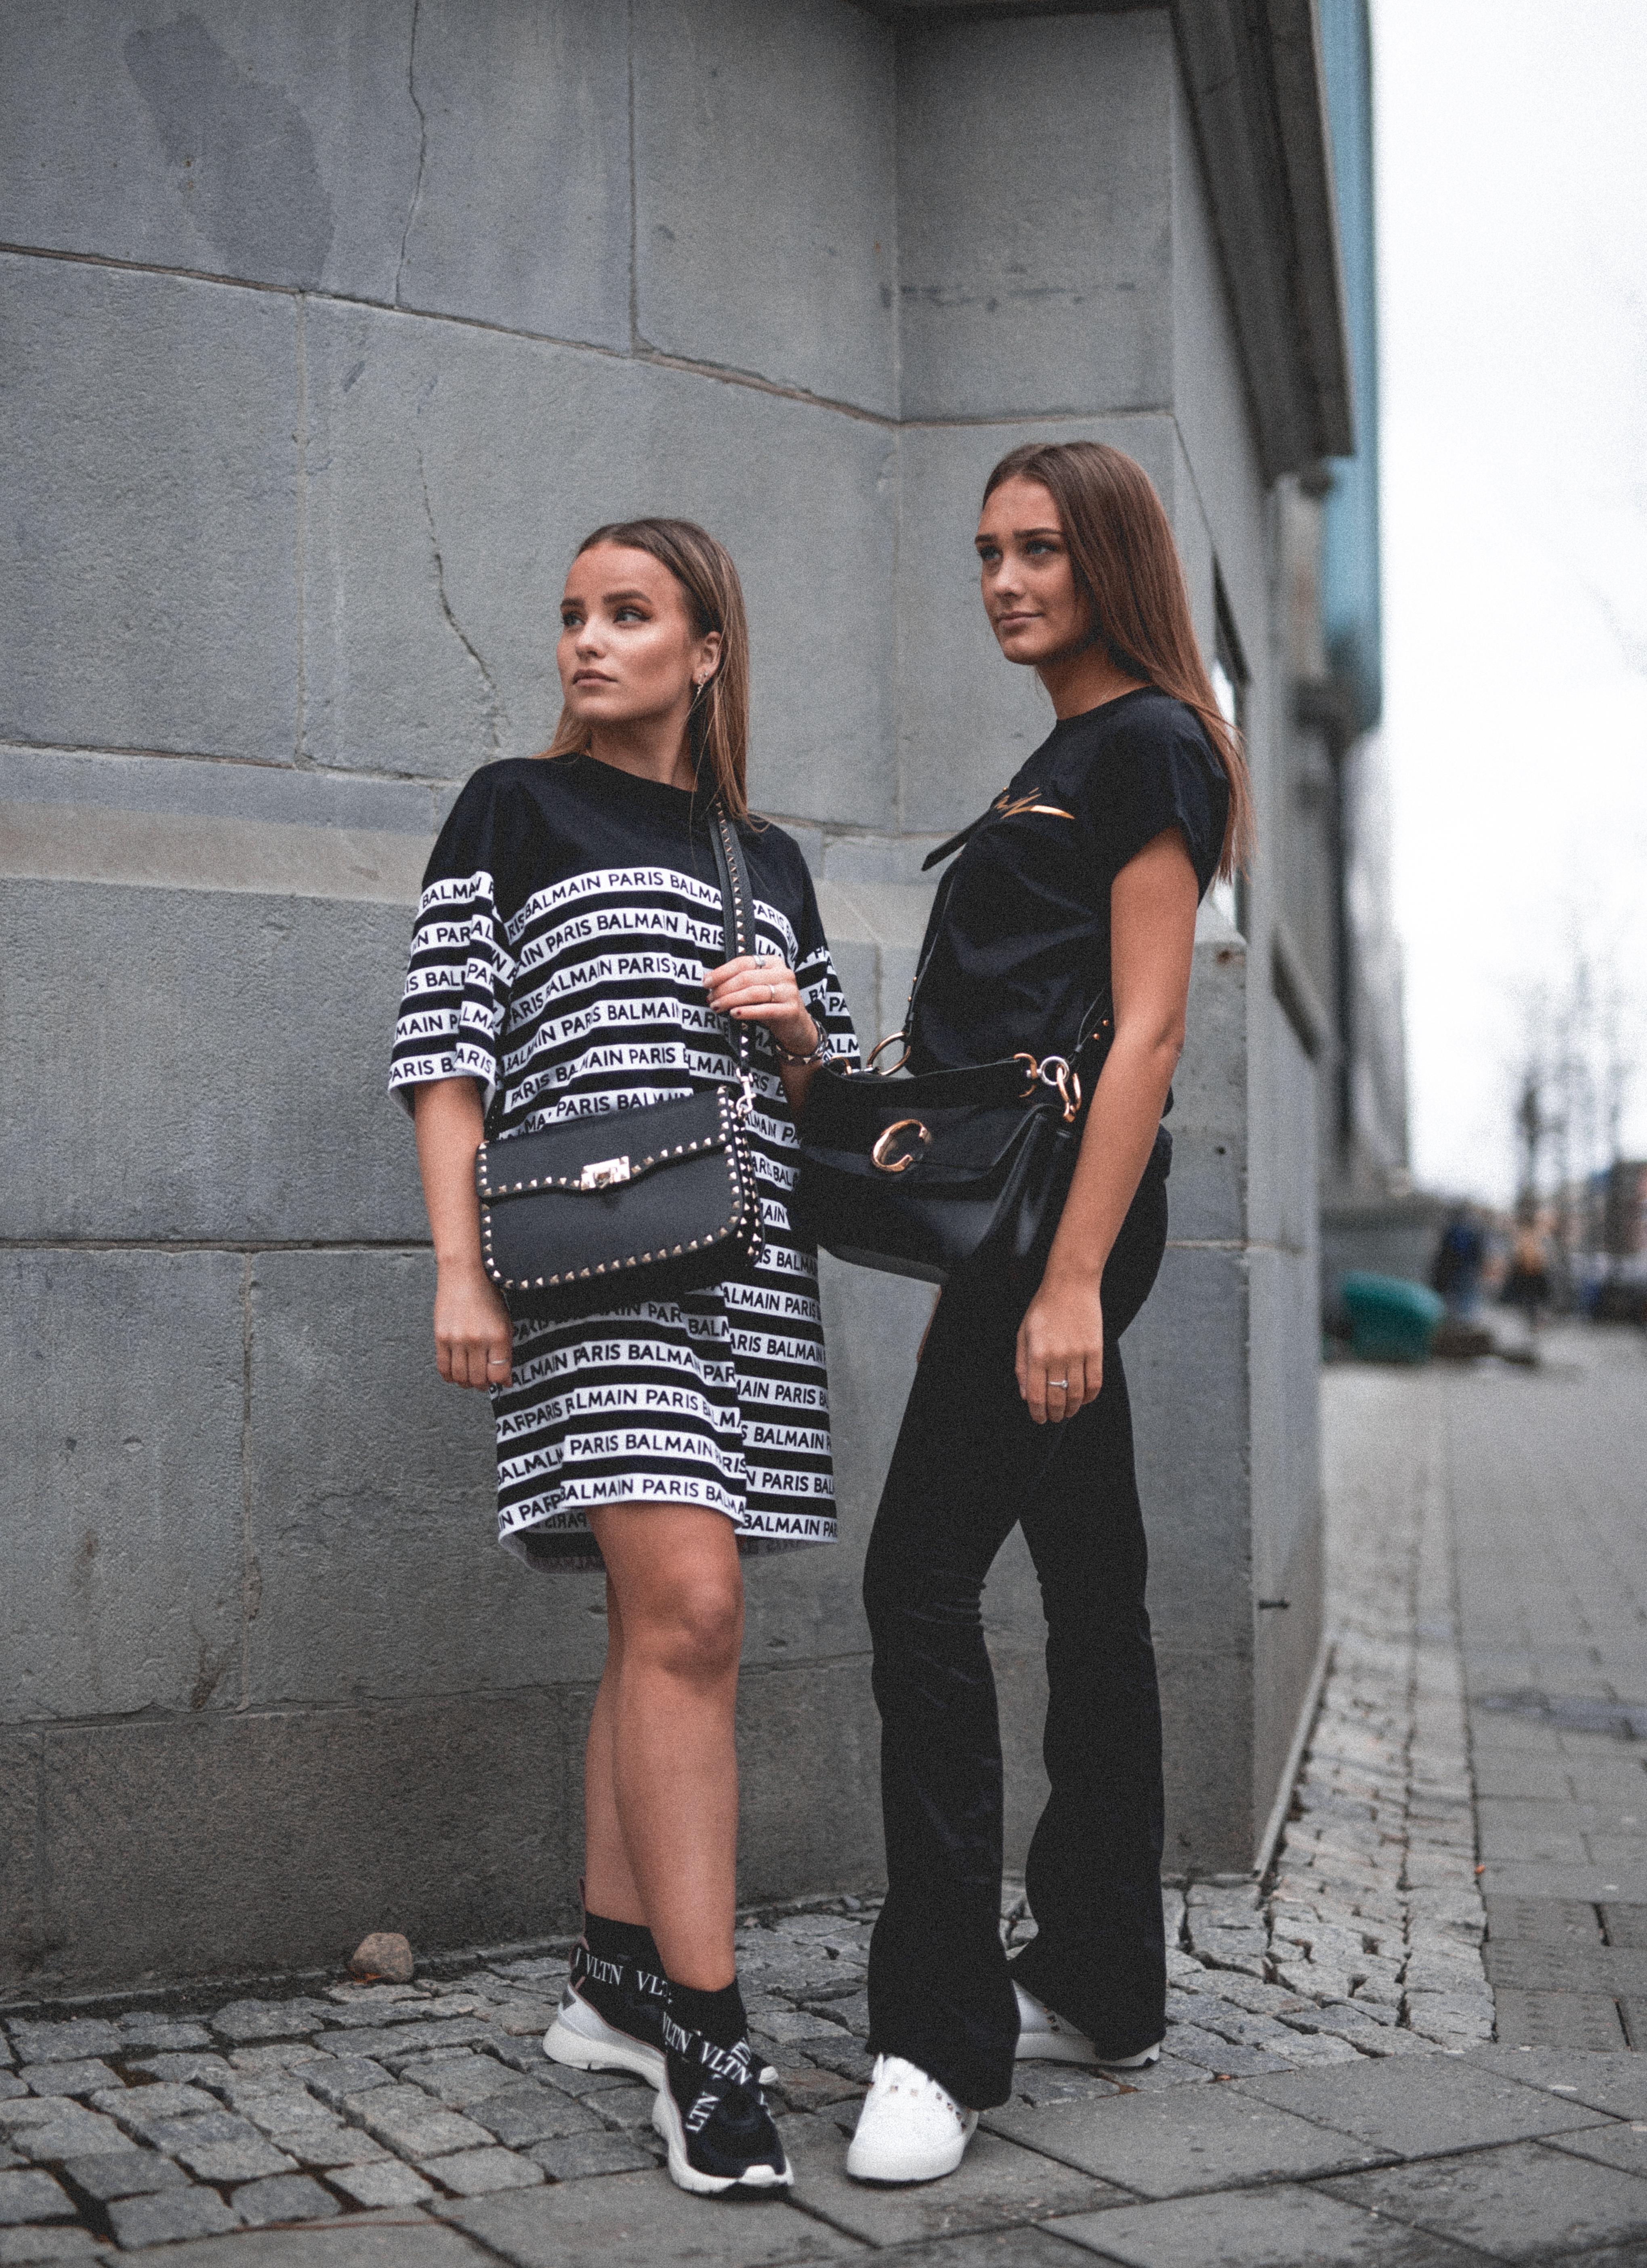 62ce0e5b Kolleksjonen vår fra Balmain vokser, og det er ingen tvil om at de leverer  fantastiske klær som det er enkelt å falle for! Vi har alt fra spektakulære  ...